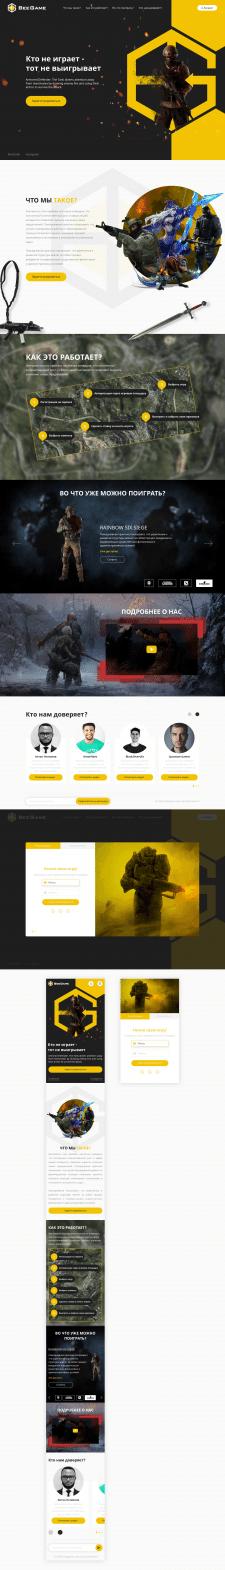 Промо-сайт по ставкам на игры